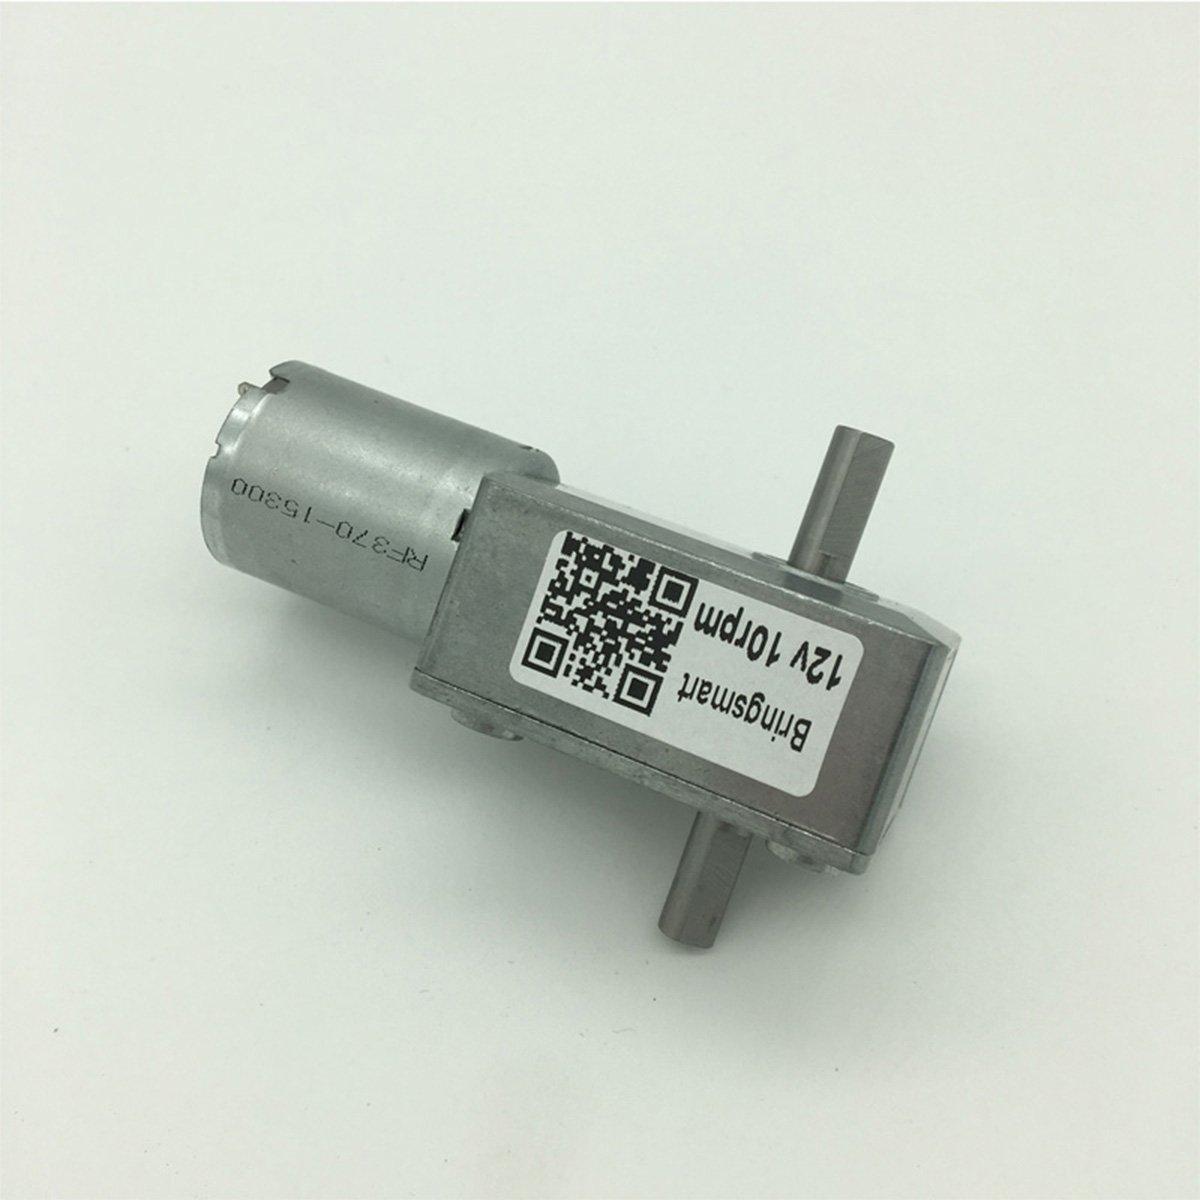 Bringsmart 6V Double Shaft Gear Motor 12V 24V DC Dual Output Shaft Reducer Self-lock (JGY-370 6V 6rpm) by Bringsmart (Image #4)